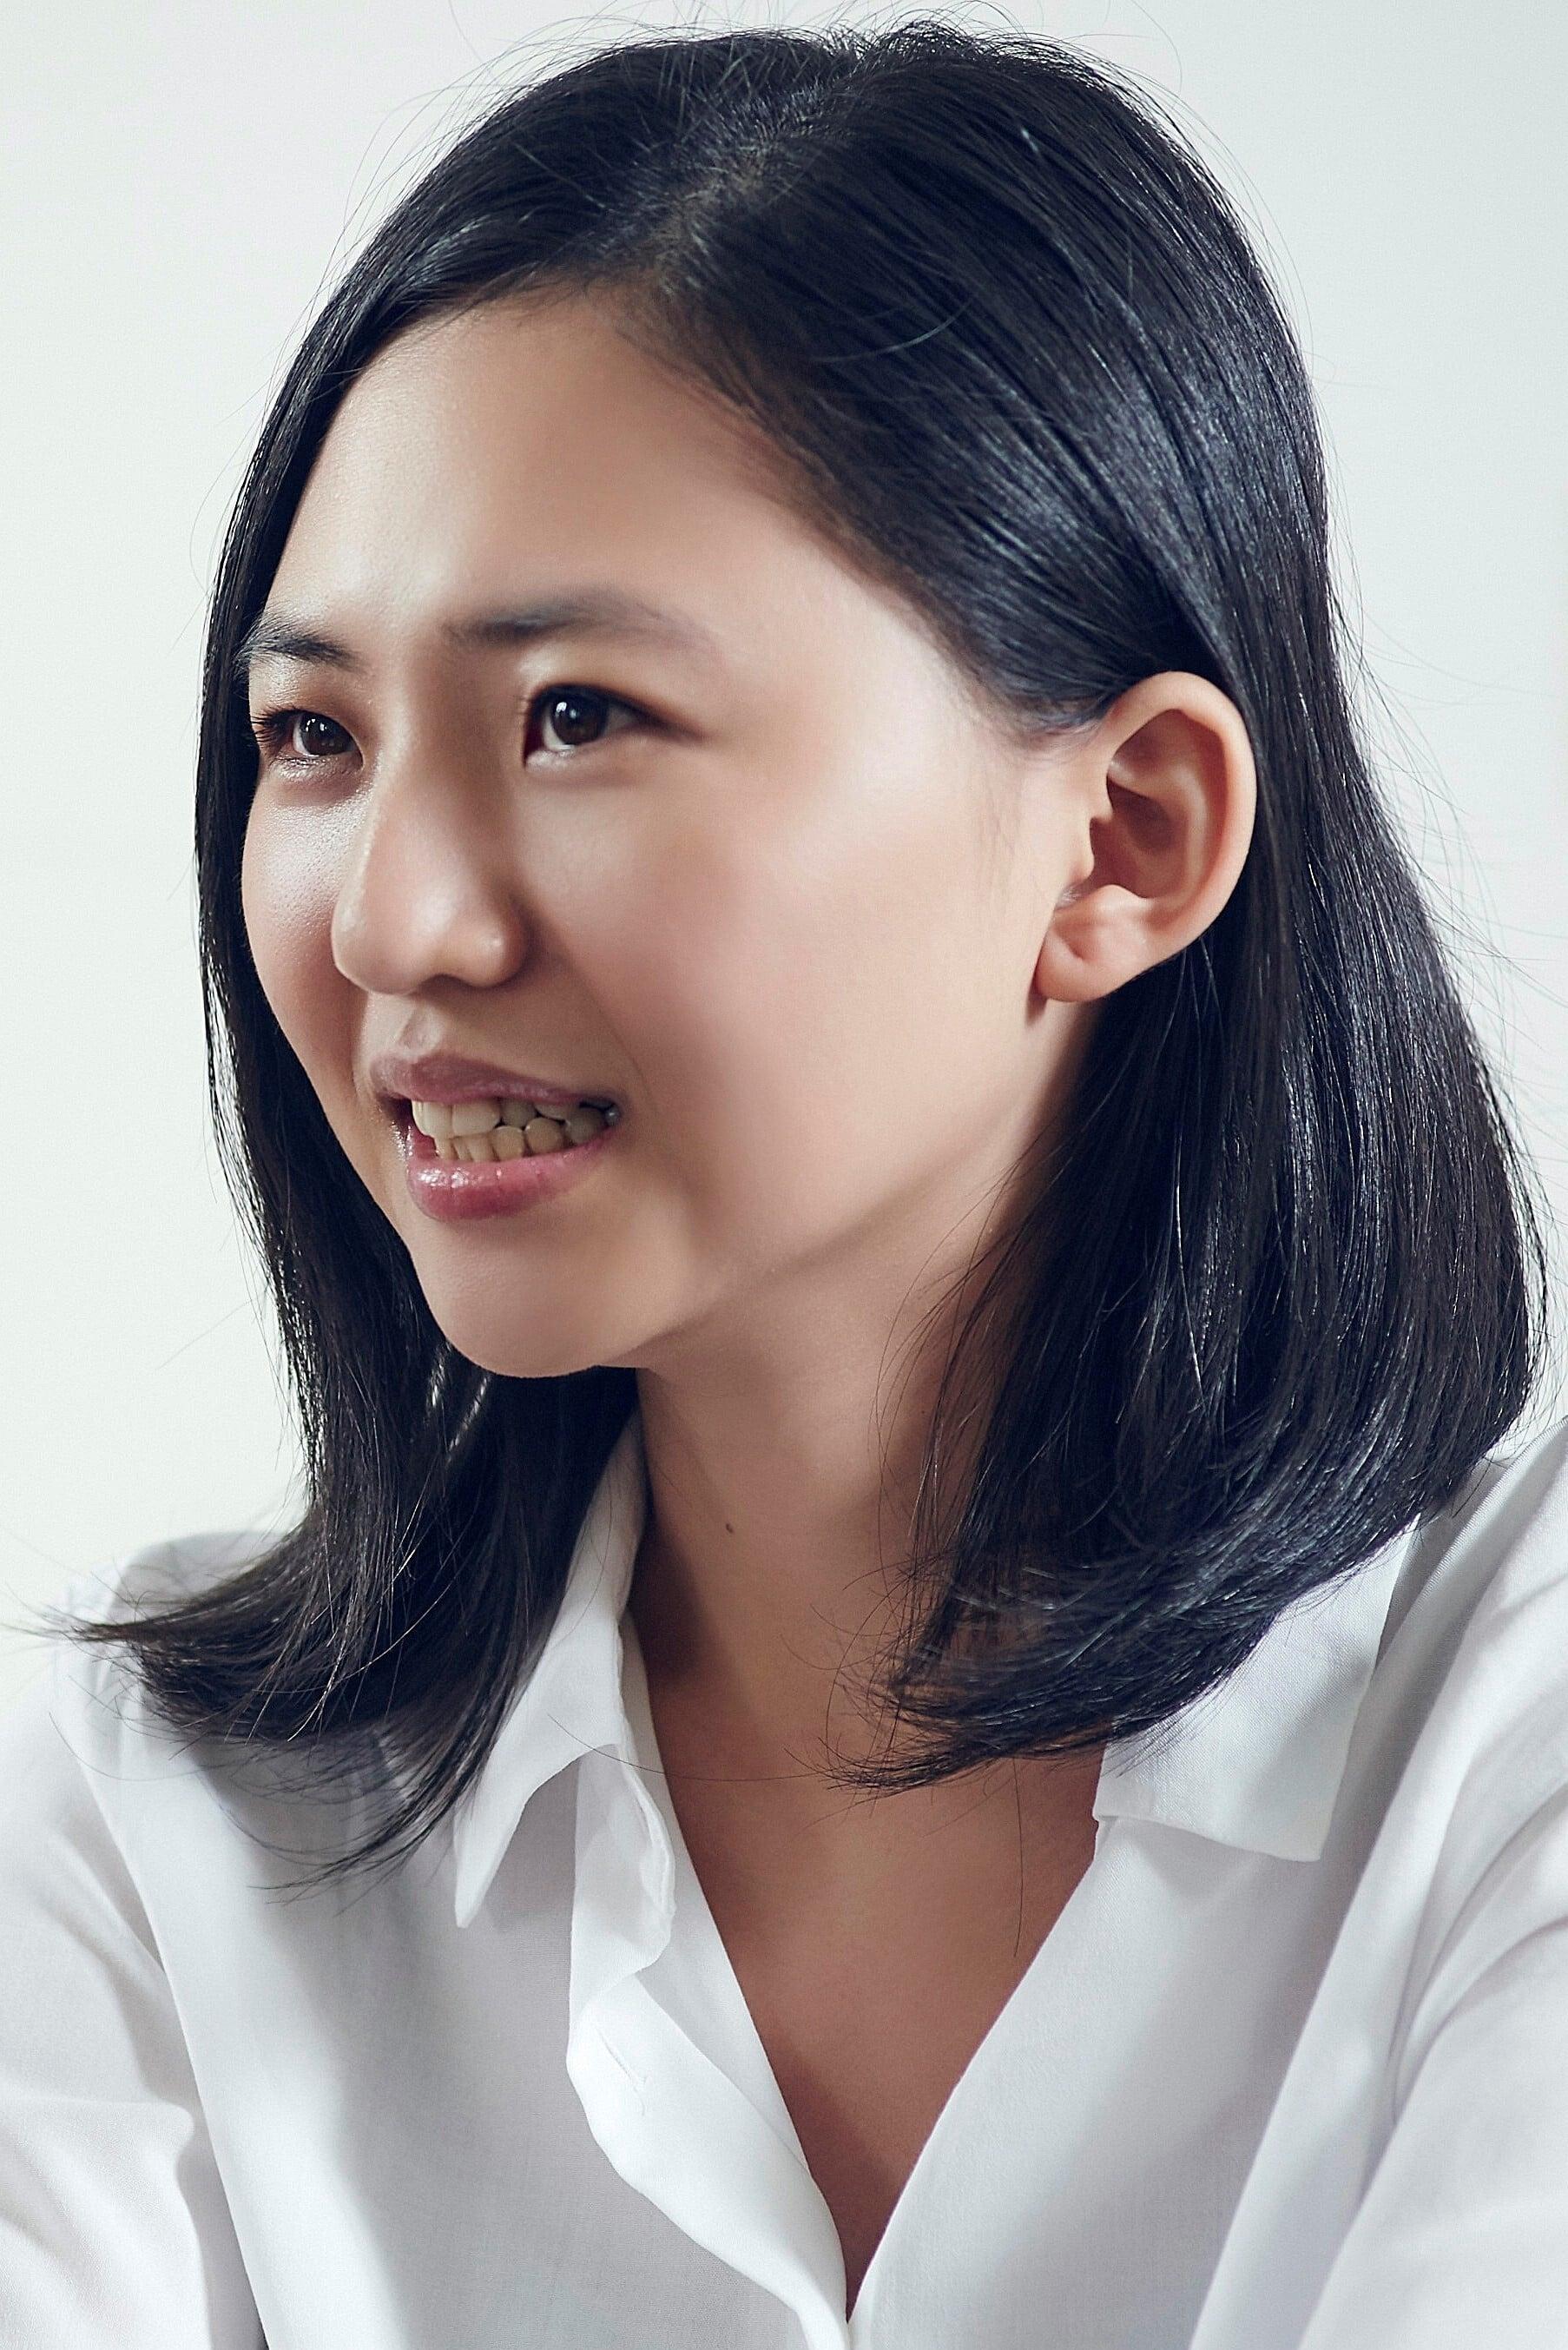 Yang Wan-Ju